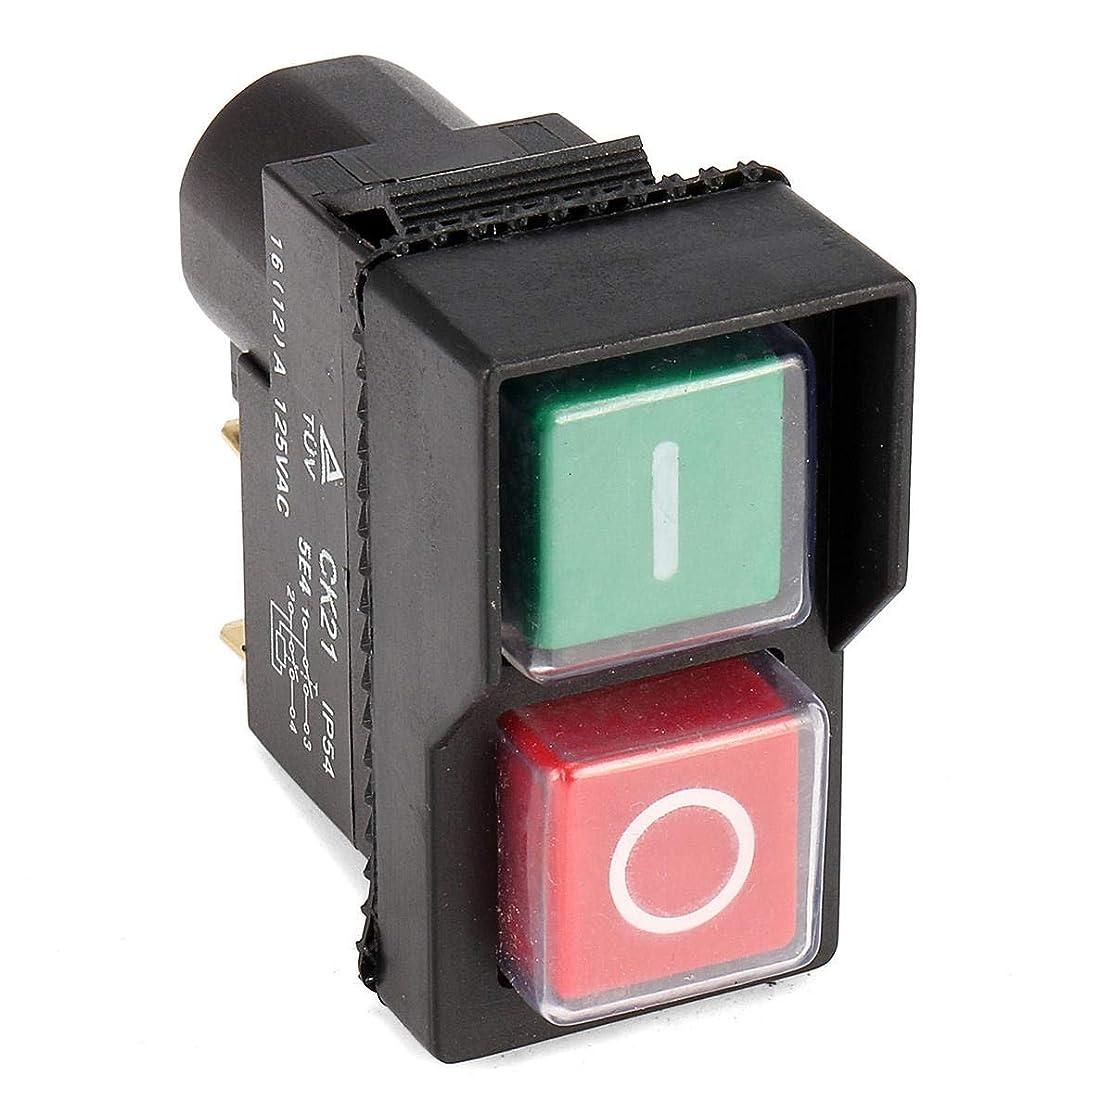 精緻化解明する安息Ghlis Maigt 125V IP54スイッチ4ピン無電圧プラスチックリリーススイッチの押しボタンスイッチ 省エネと安全